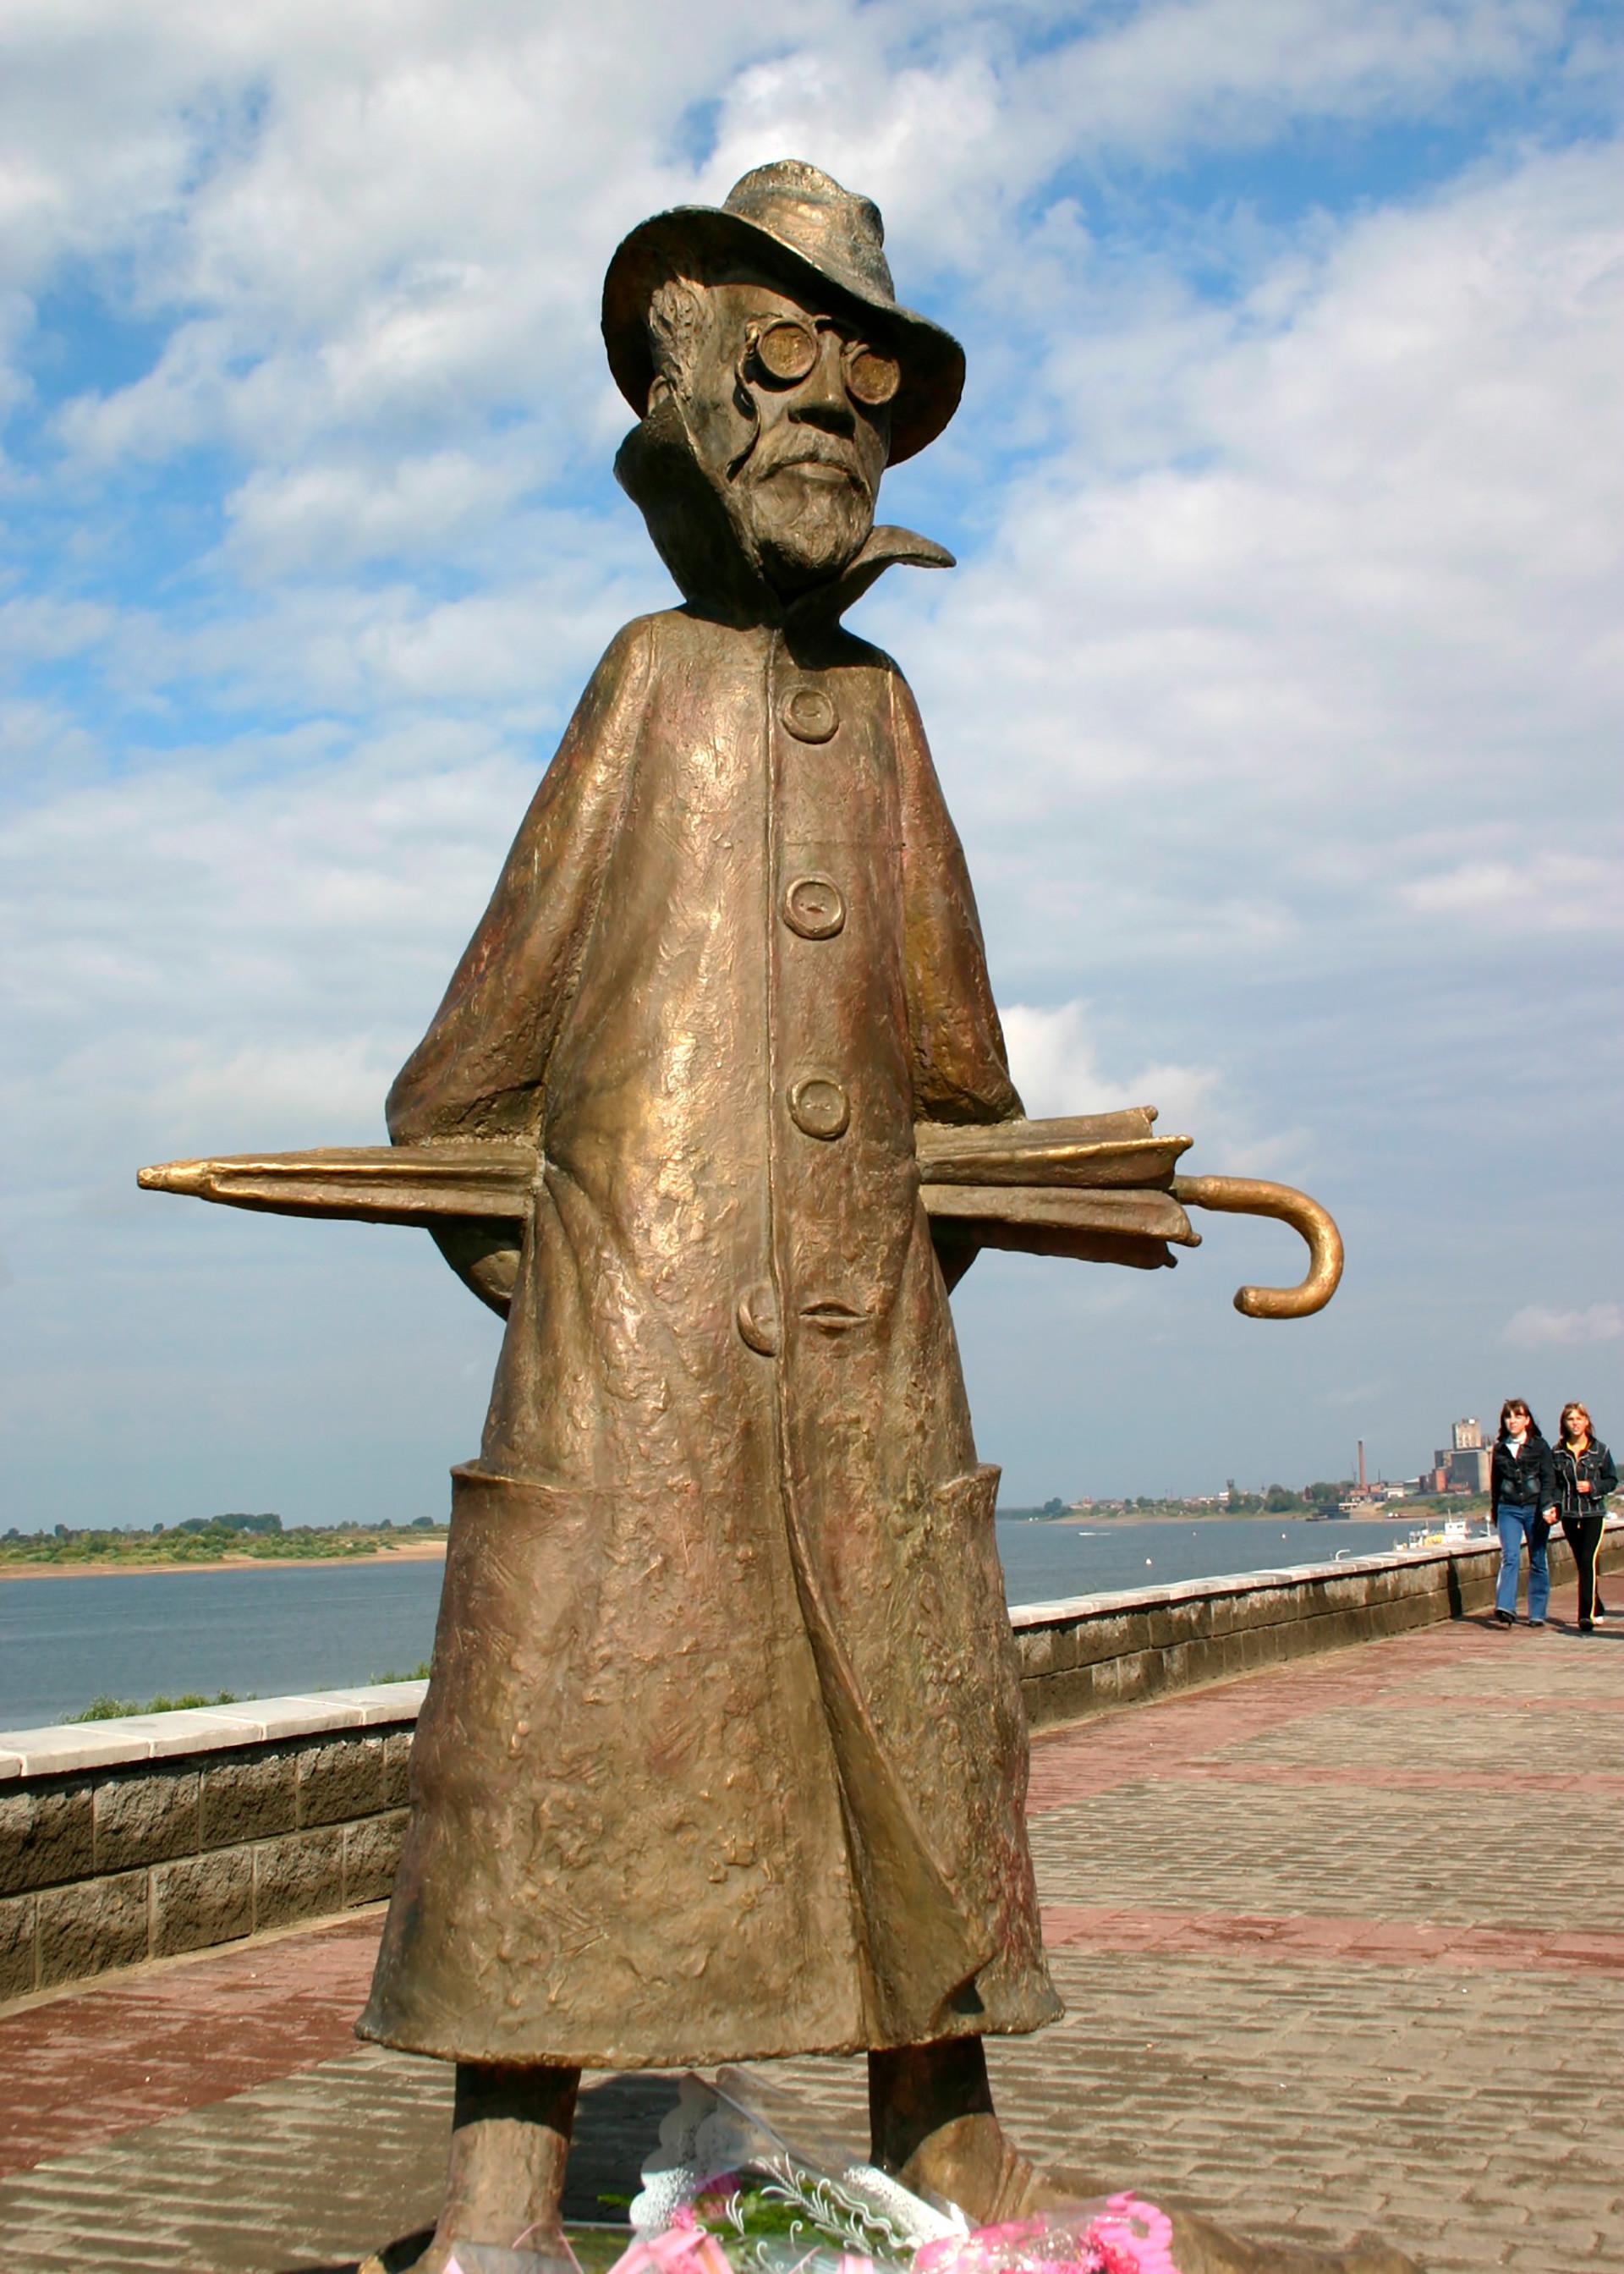 Nach einer Reise nach Sachalin machte Tschechow auch Station im sibirischen Tomsk. Seit 2004 hat die Stadt darum nun ein unikales Tschechow-Denkmal: